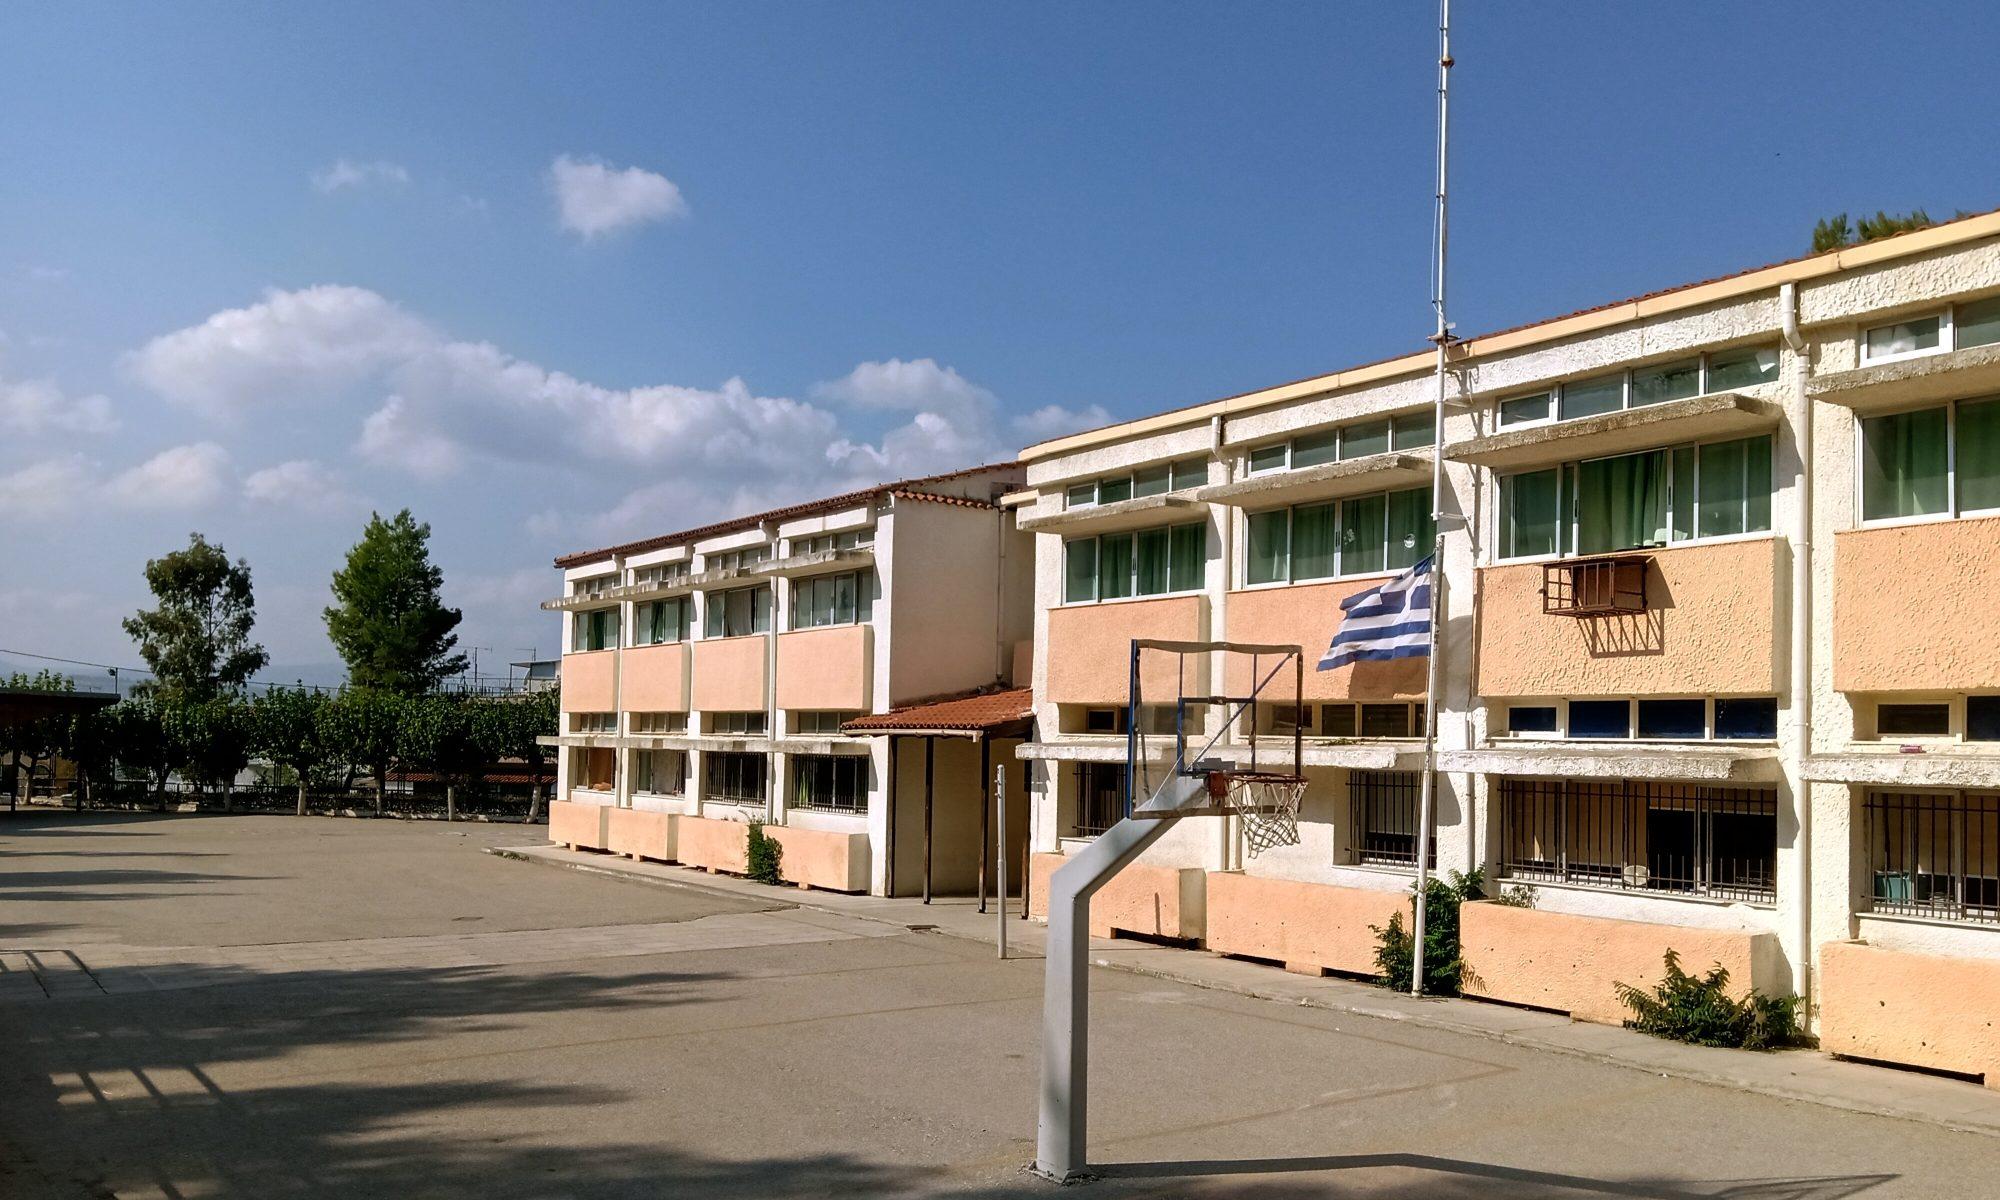 Δημοτικό Σχολείο Οινοφύτων